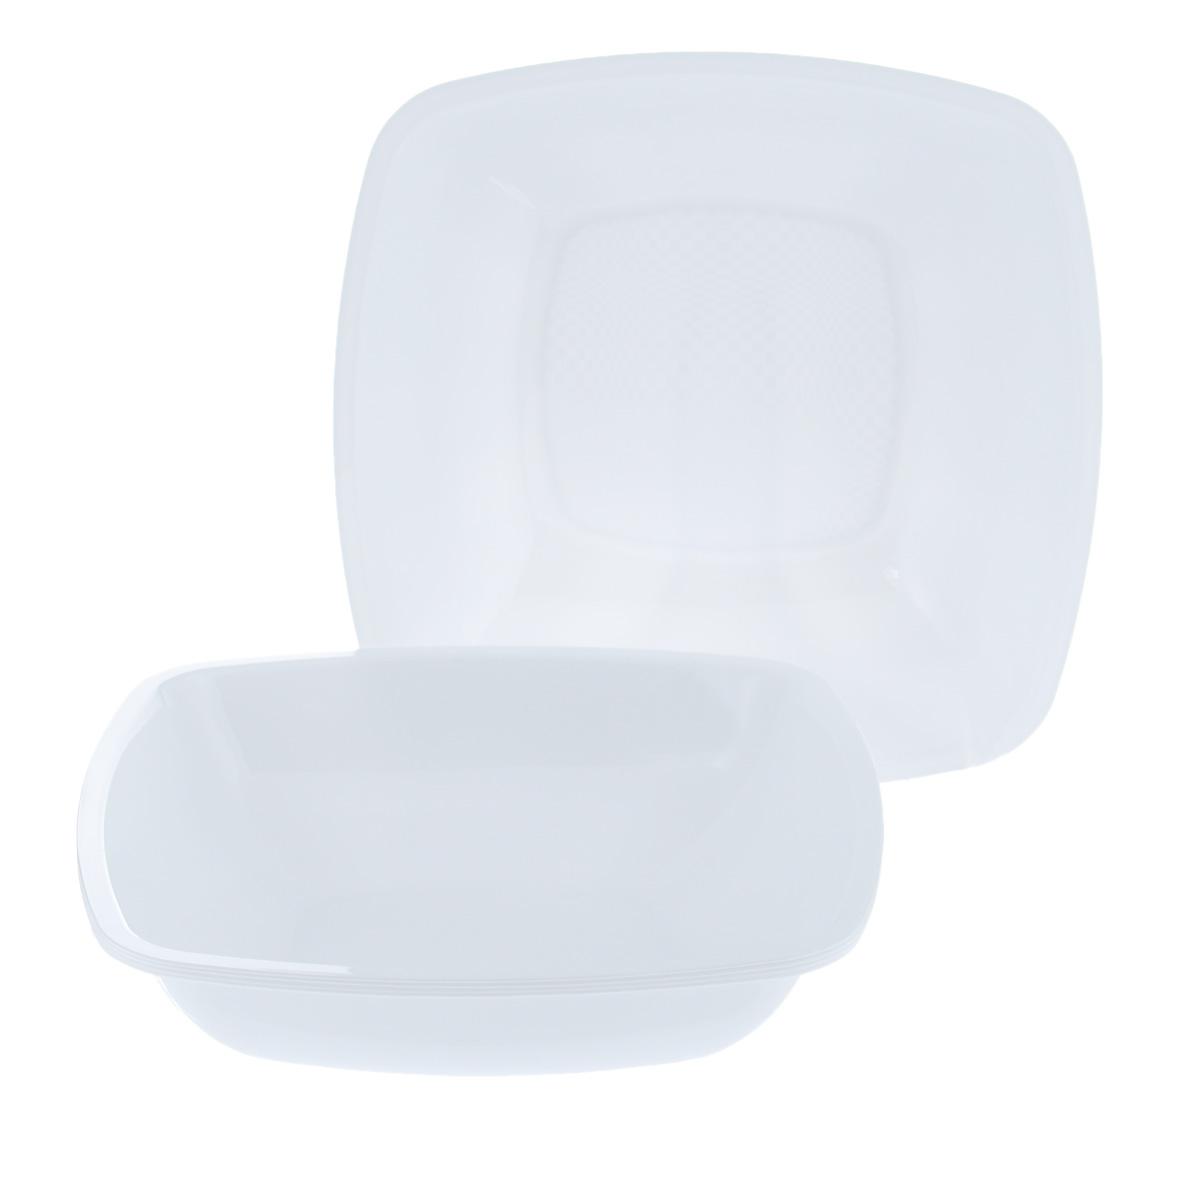 Набор одноразовых глубоких тарелок Buffet, цвет: белый, 18 см х 18 см, 6 штVT-1520(SR)Набор Buffet состоит из 6 глубоких тарелок, выполненных из полипропиленаи предназначенных для одноразового использования. Тарелки подойдут для различных пищевых продуктов. Одноразовые тарелки будут незаменимы при поездках на природу, пикниках и других мероприятиях. Они не займут много места, легки и самое главное - после использования их не надо мыть.Размер тарелки: 18 см х 18 см.Высота тарелки: 4,5 см.